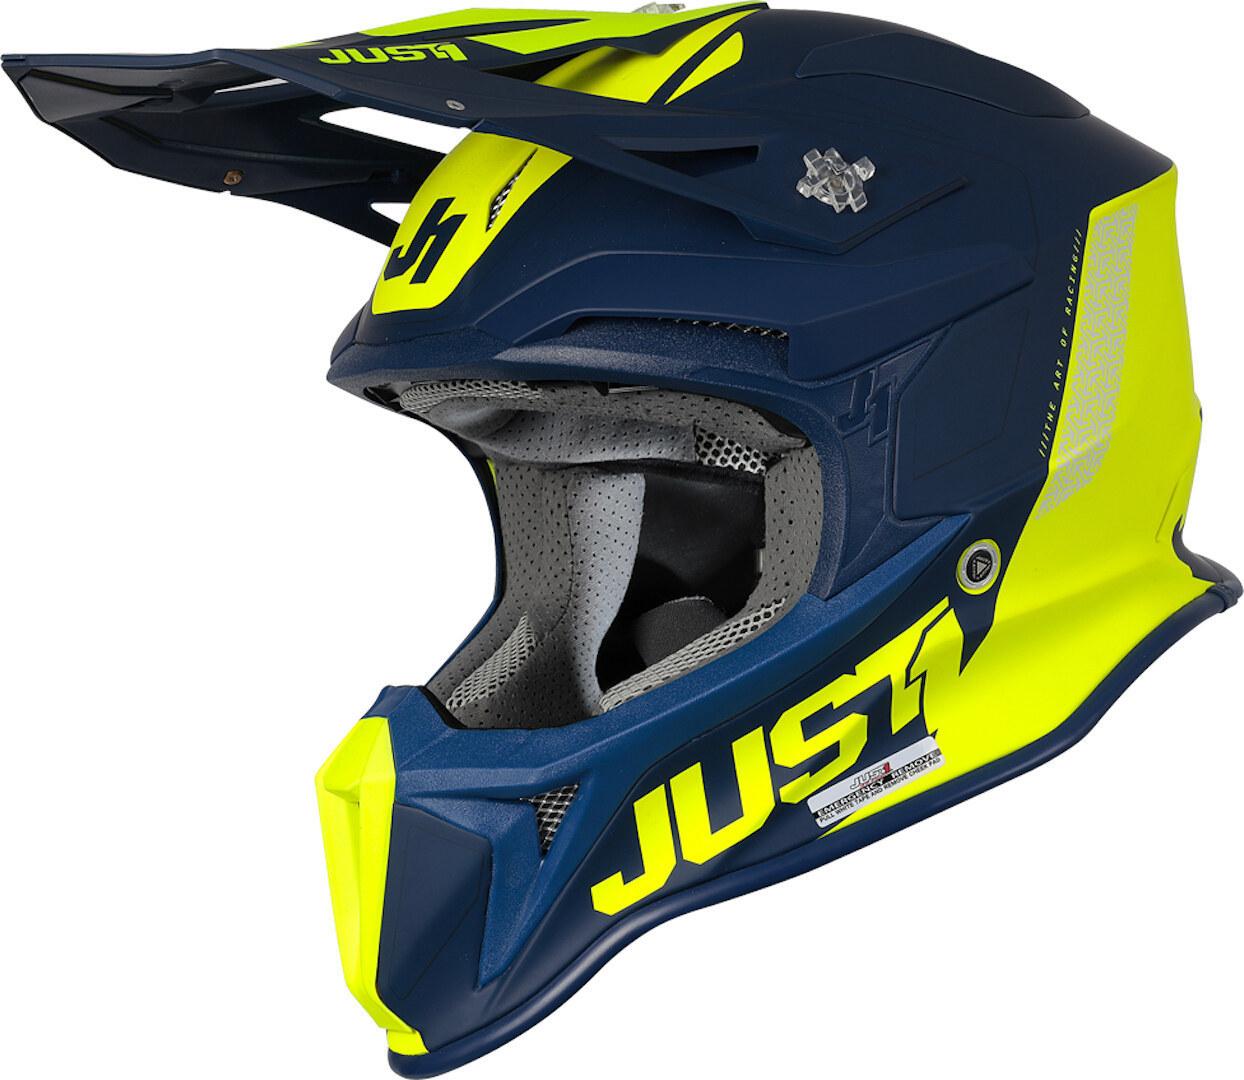 Just1 J18 Pulsar MIPS Motocross Helm, blau-gelb, Größe M, blau-gelb, Größe M